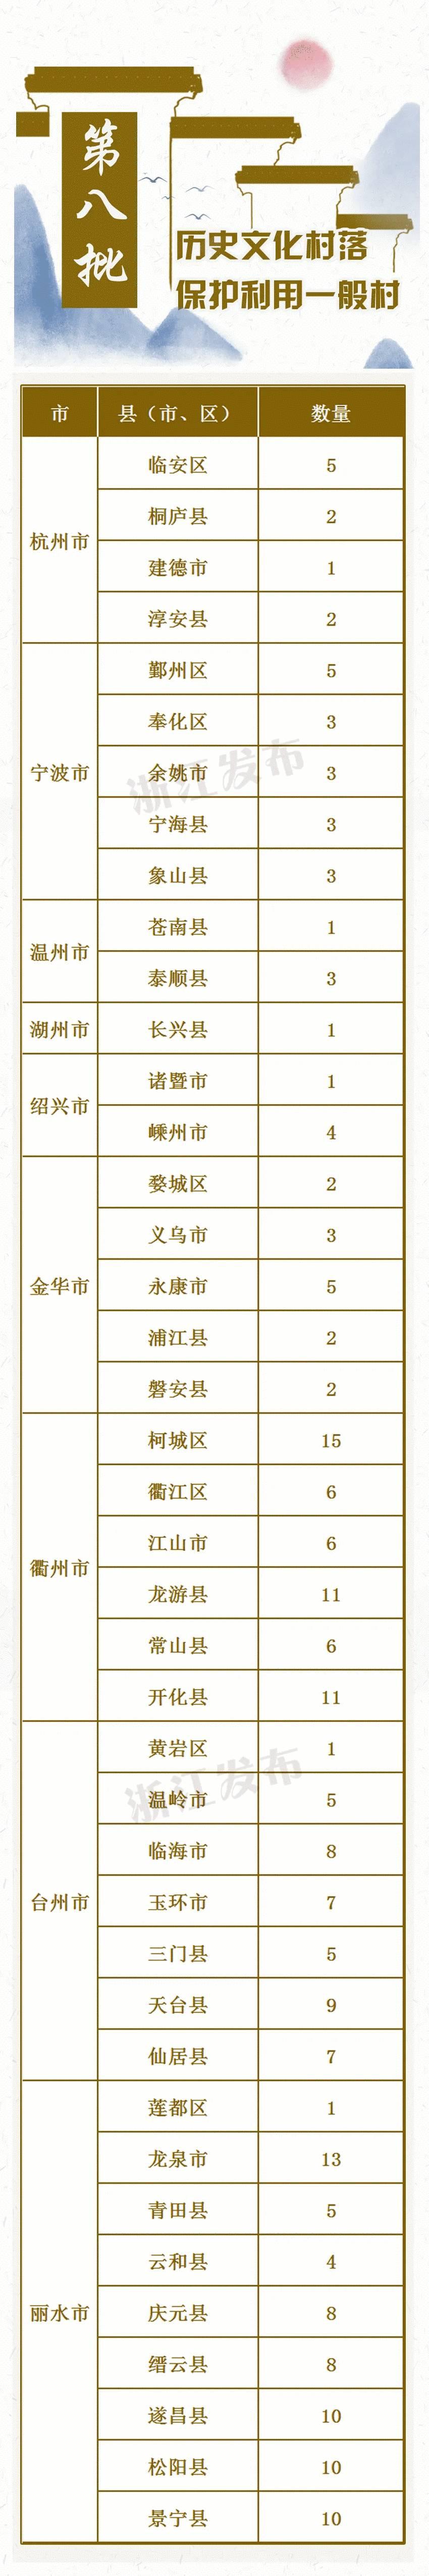 浙江公布第八批历史文化村落保护利用重点村名单,有定海!